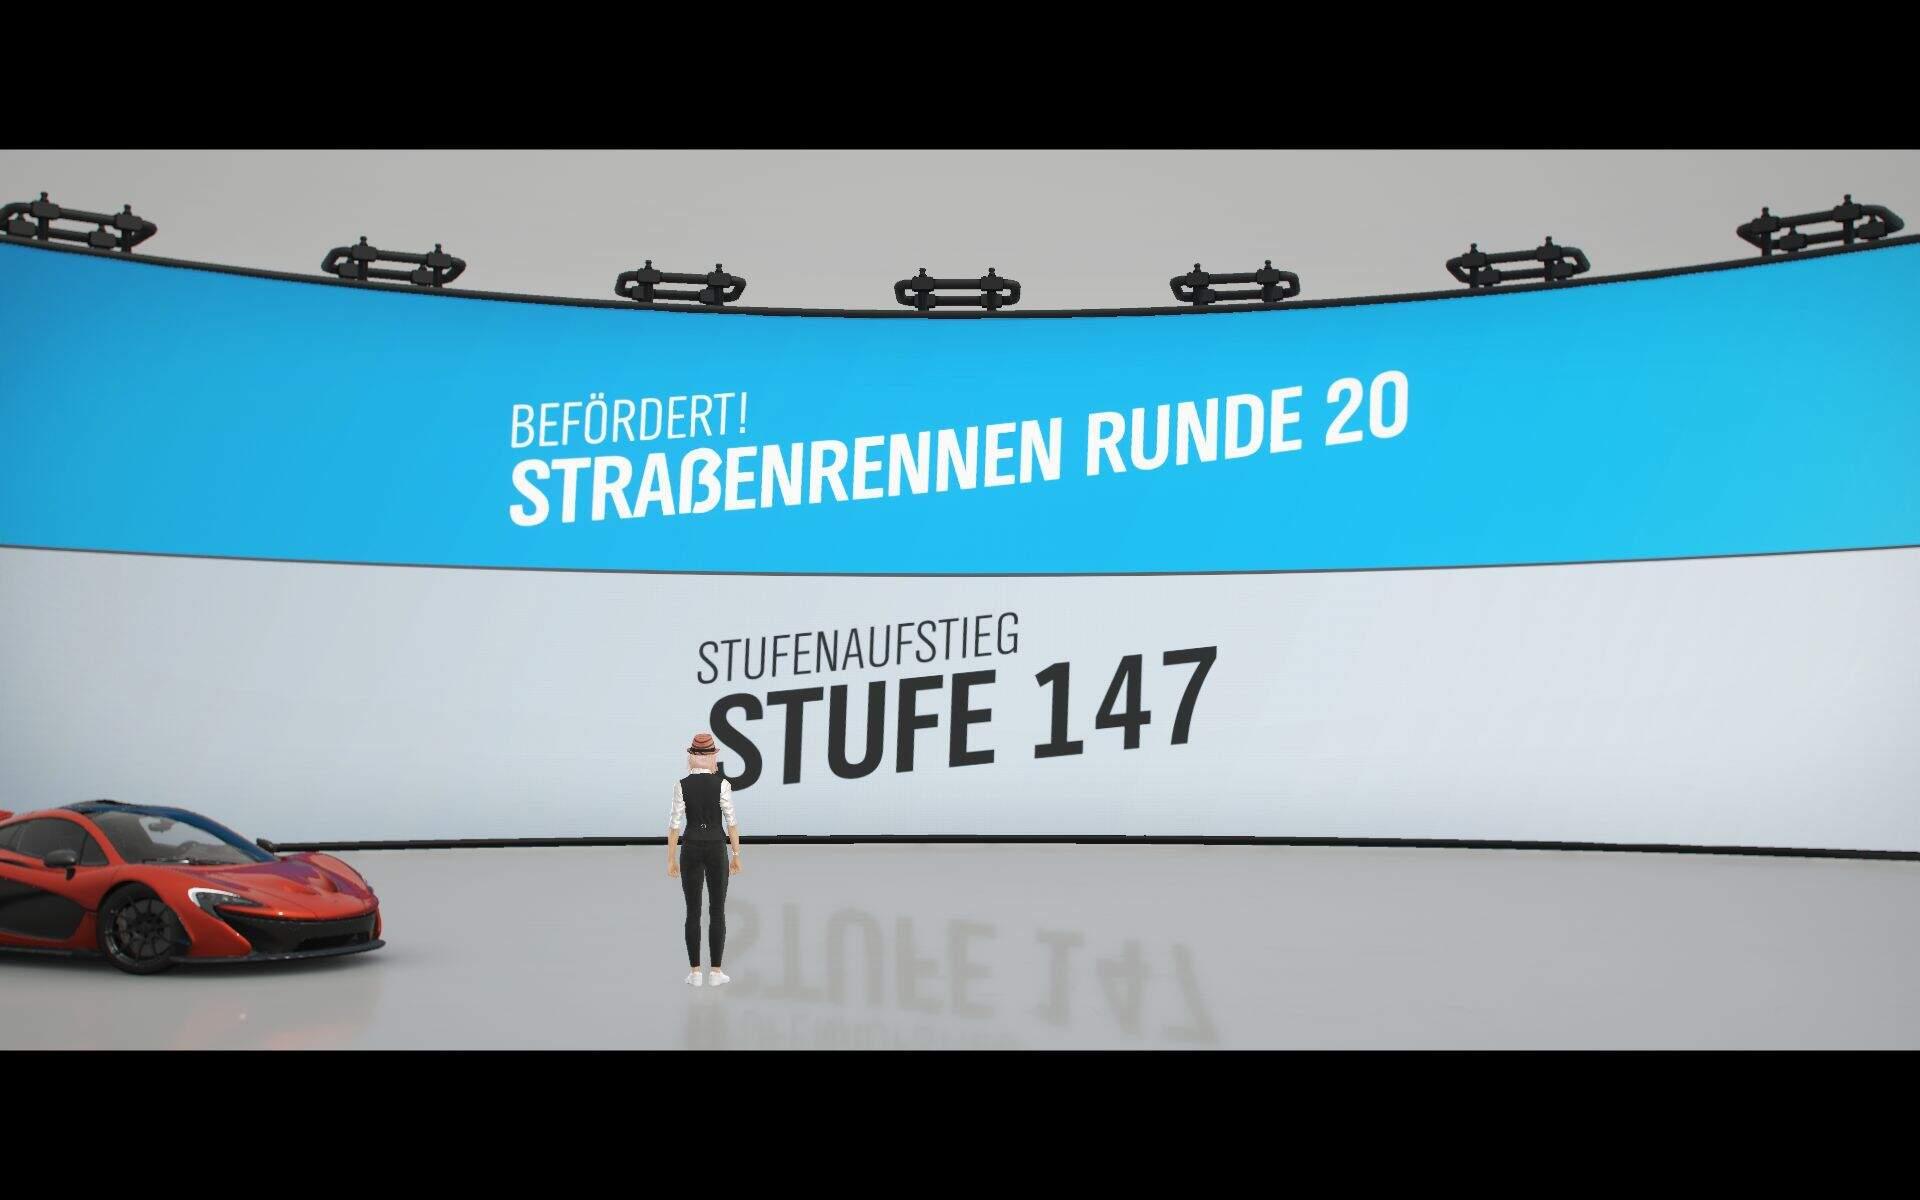 Forza Horizon 4 Goliath Rennen Freischaltung Belohnungen